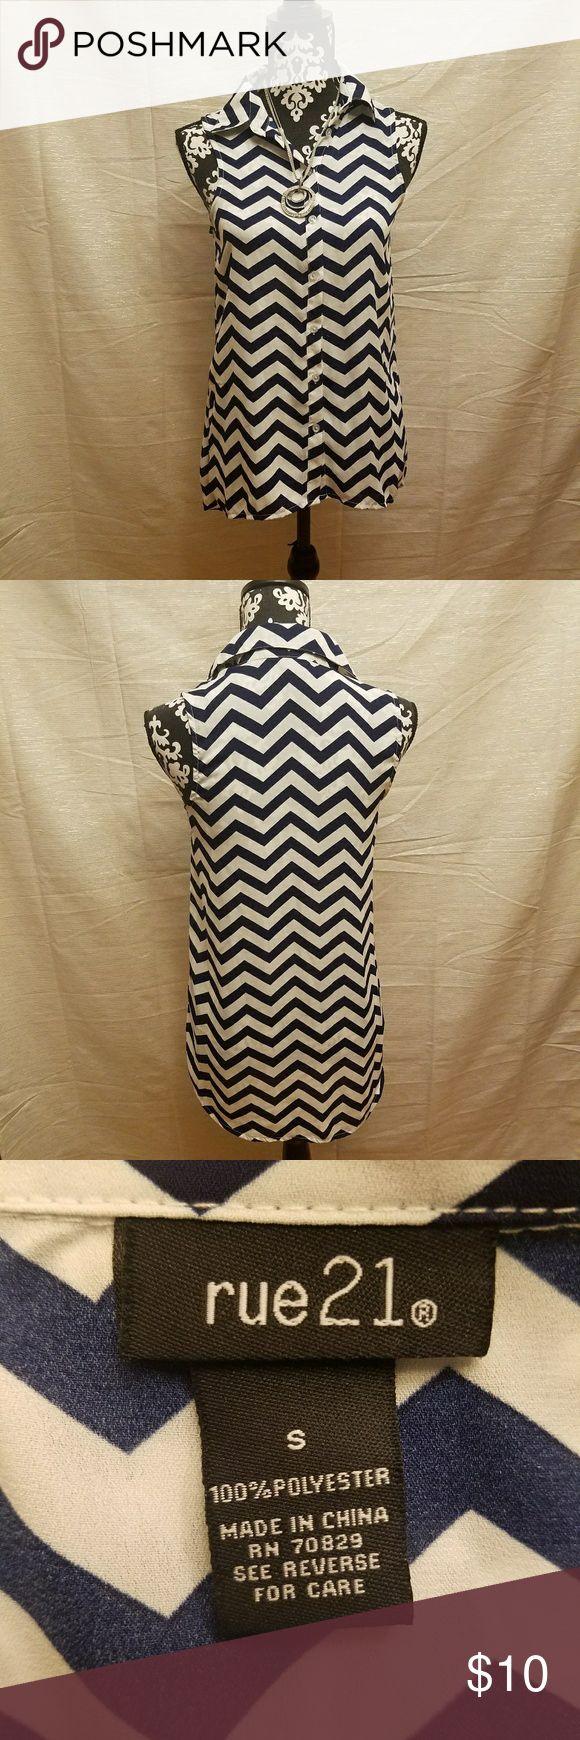 Woman sleeveless dress shirt Nice woman sleeveless dress shirt Rue 21 size s Rue 21 Tops